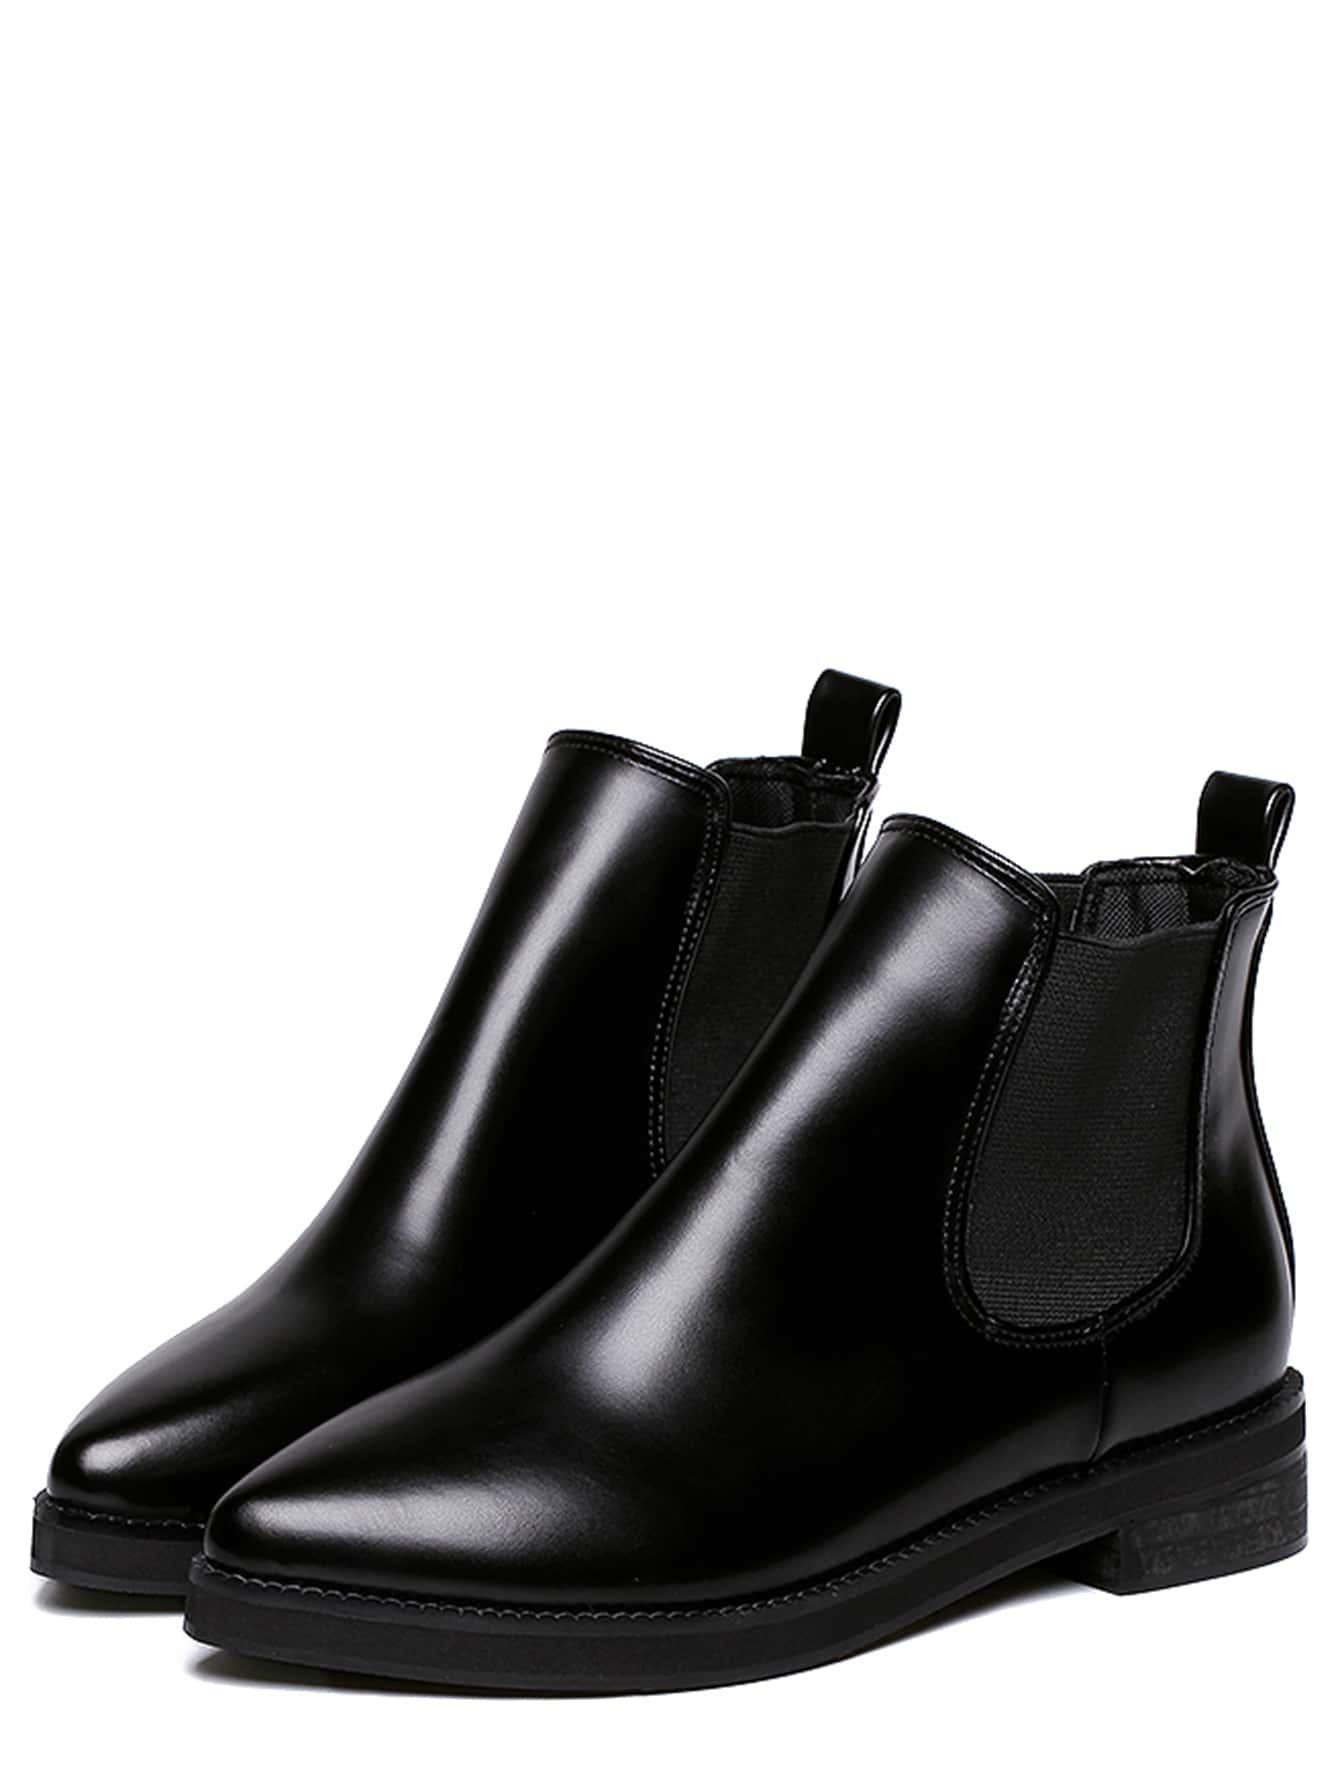 shoes160816819_2